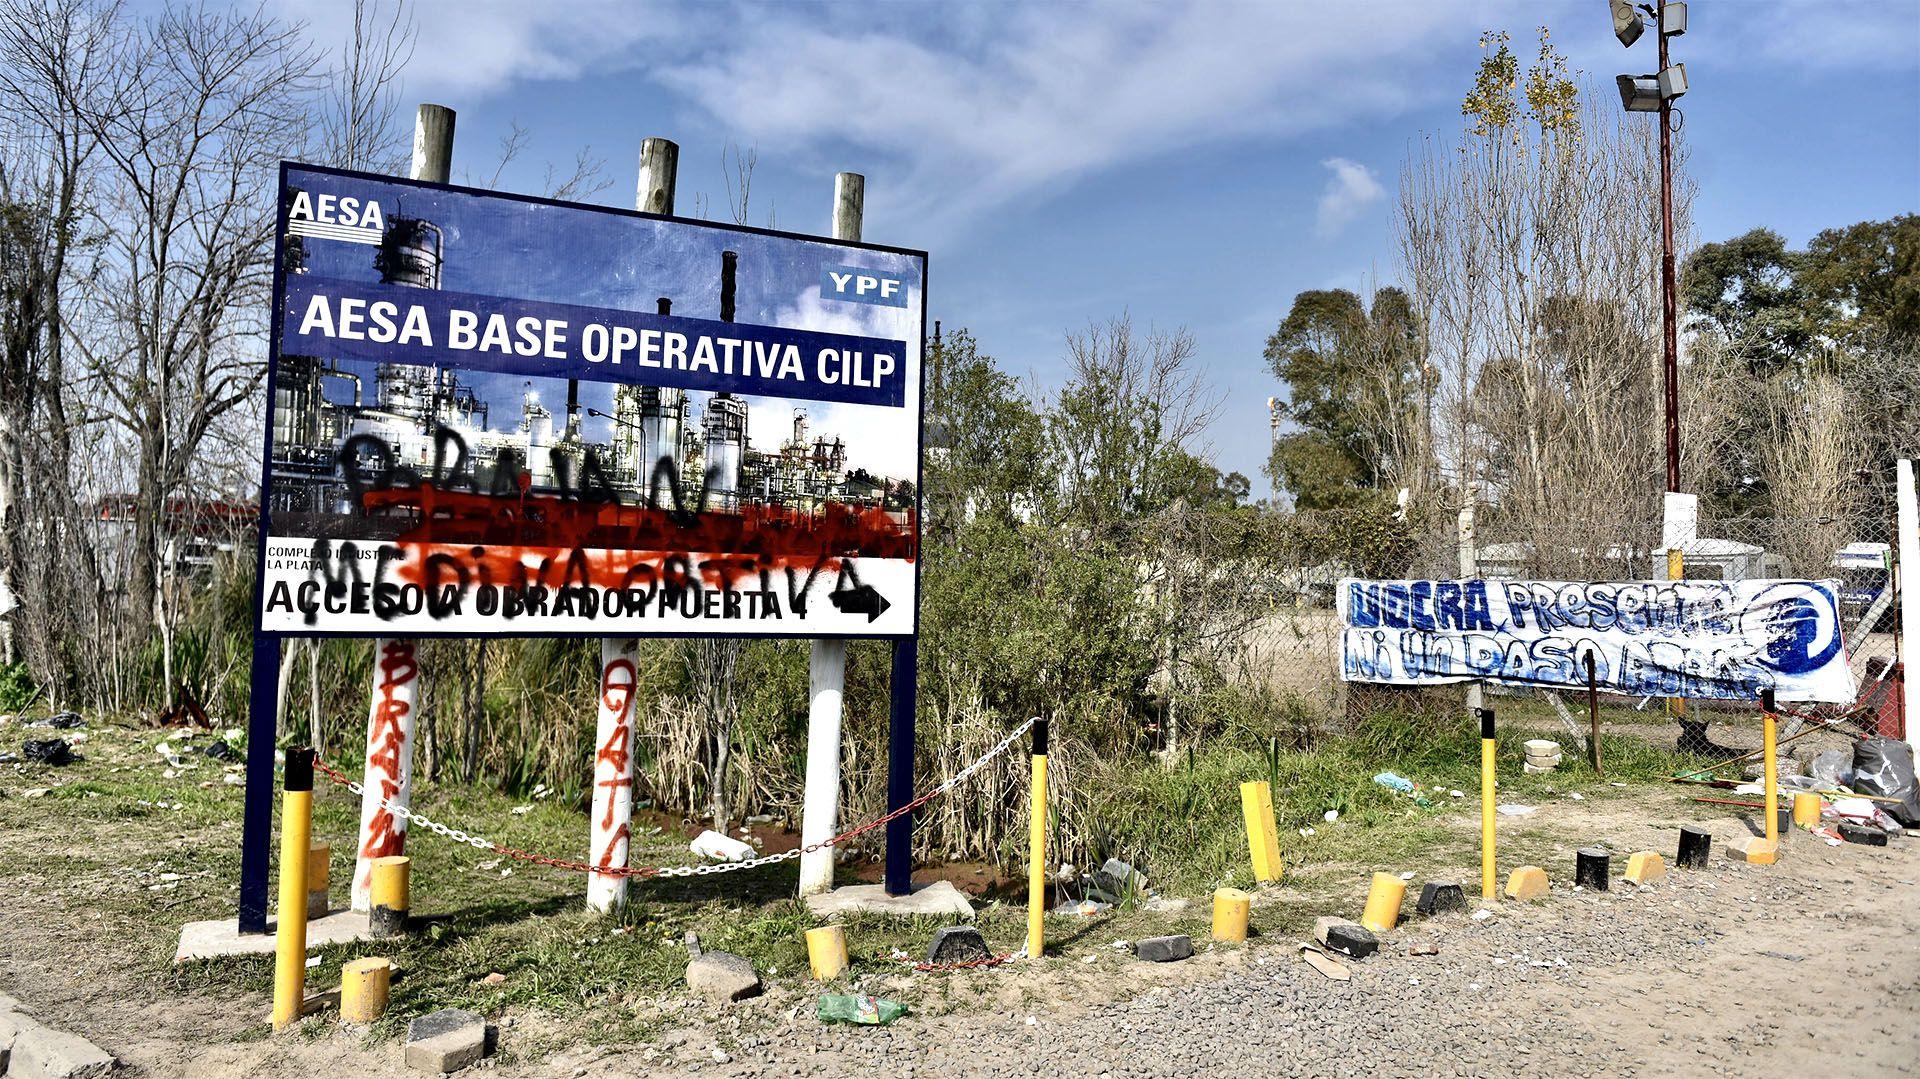 Puerta 4: el ingreso a la constructora AESA (foto: Adrián Escandar)